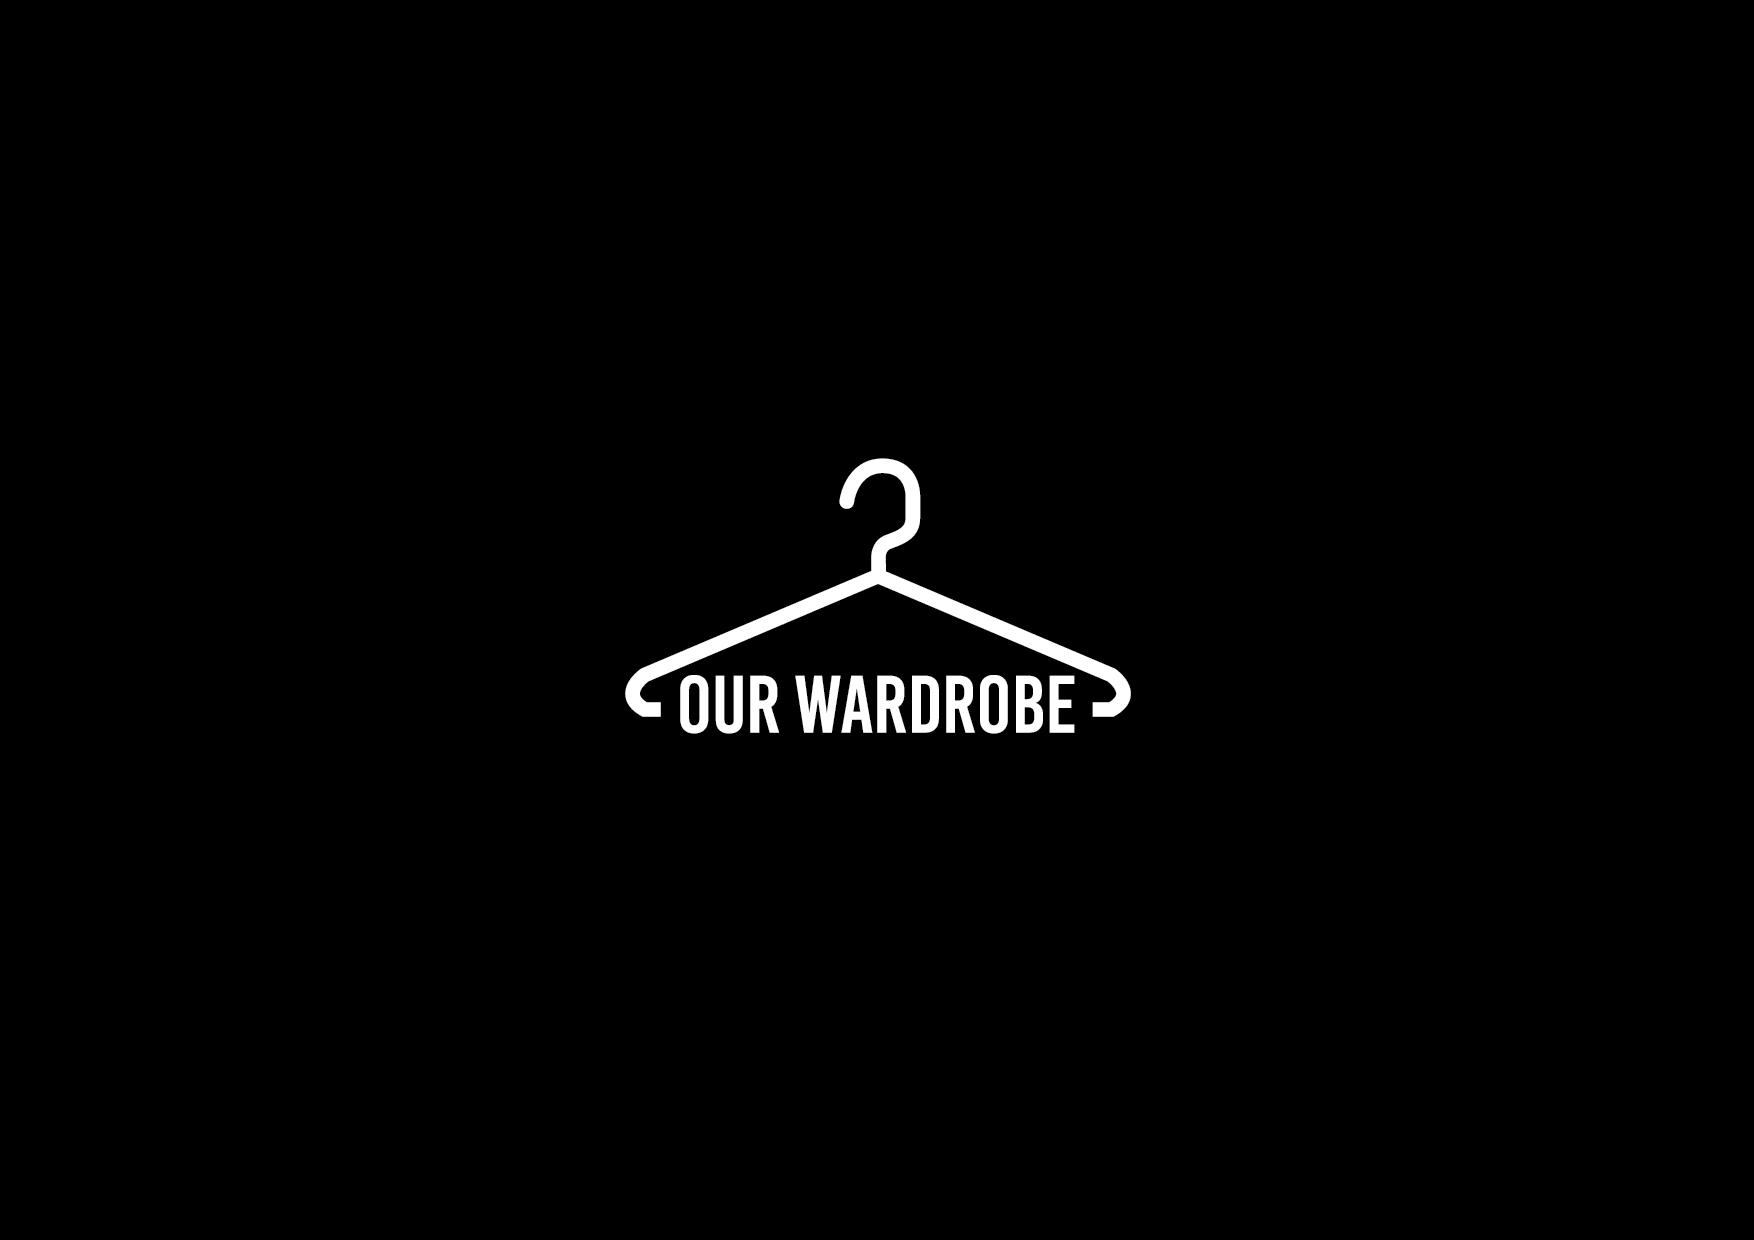 Our Wardrobe